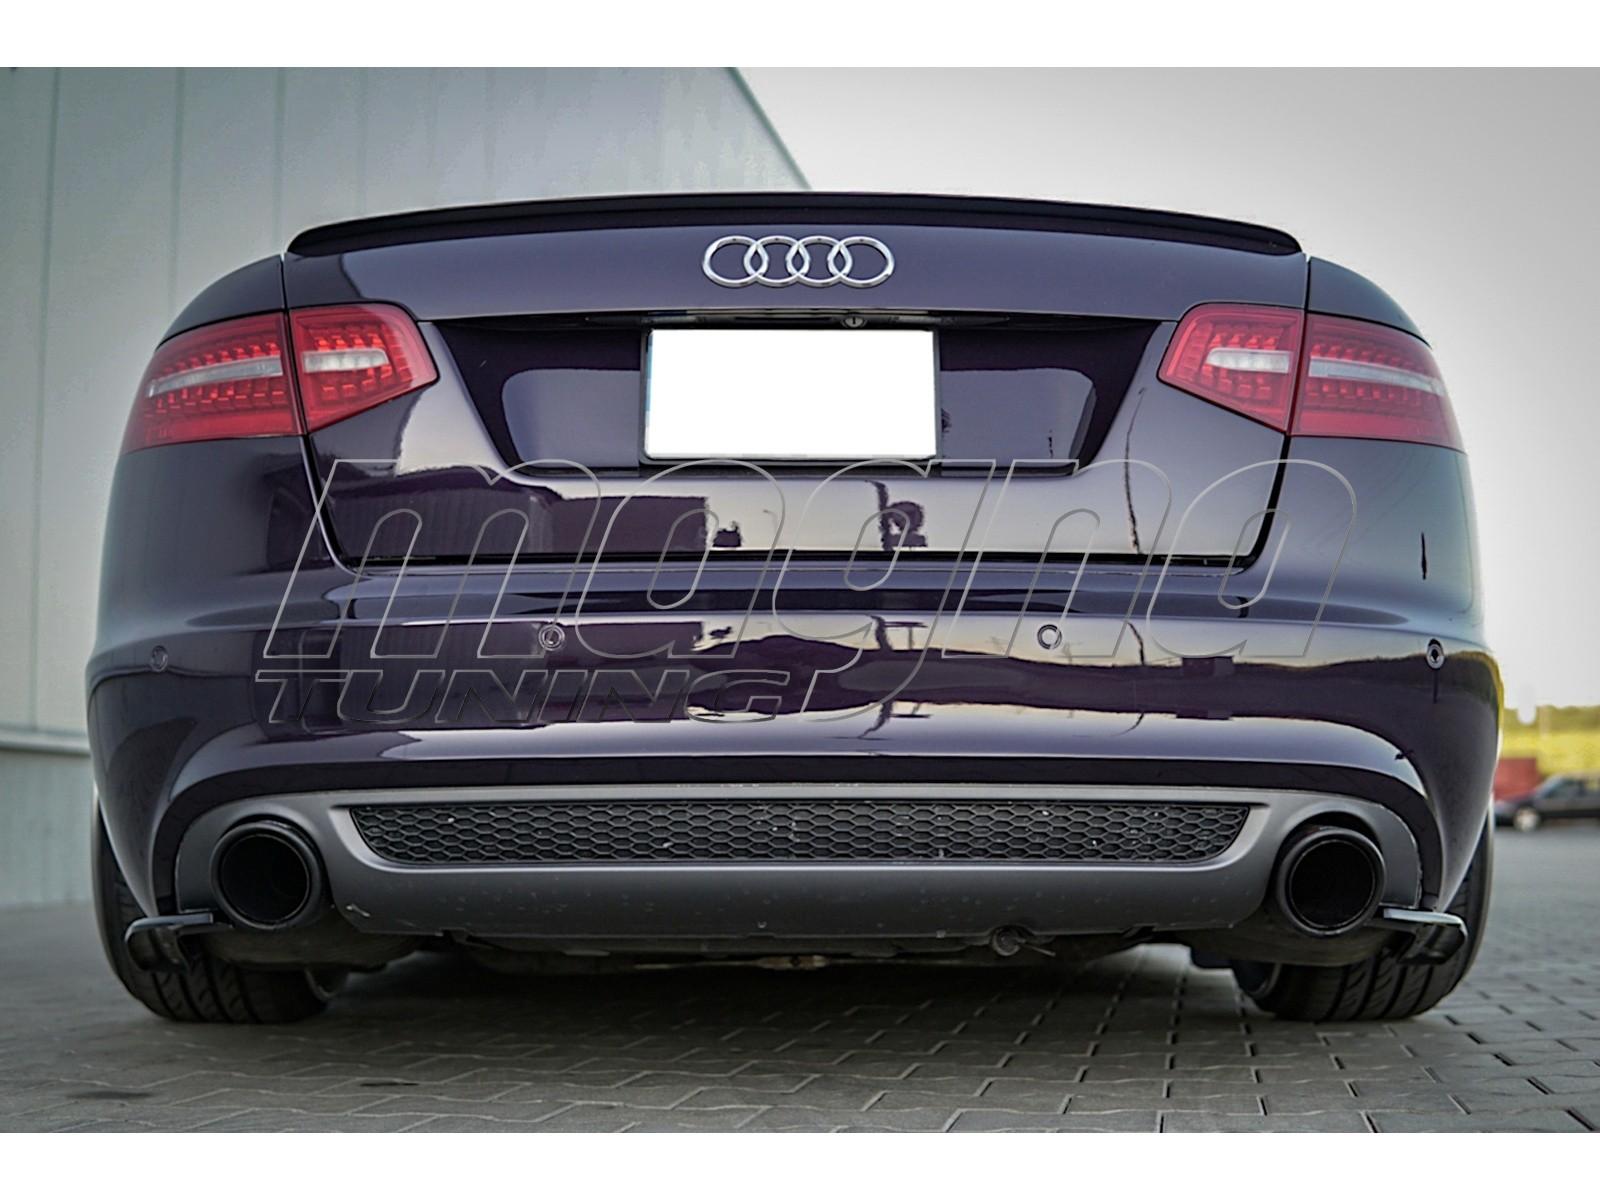 Audi A6 C6 / 4F Facelift MX Body Kit